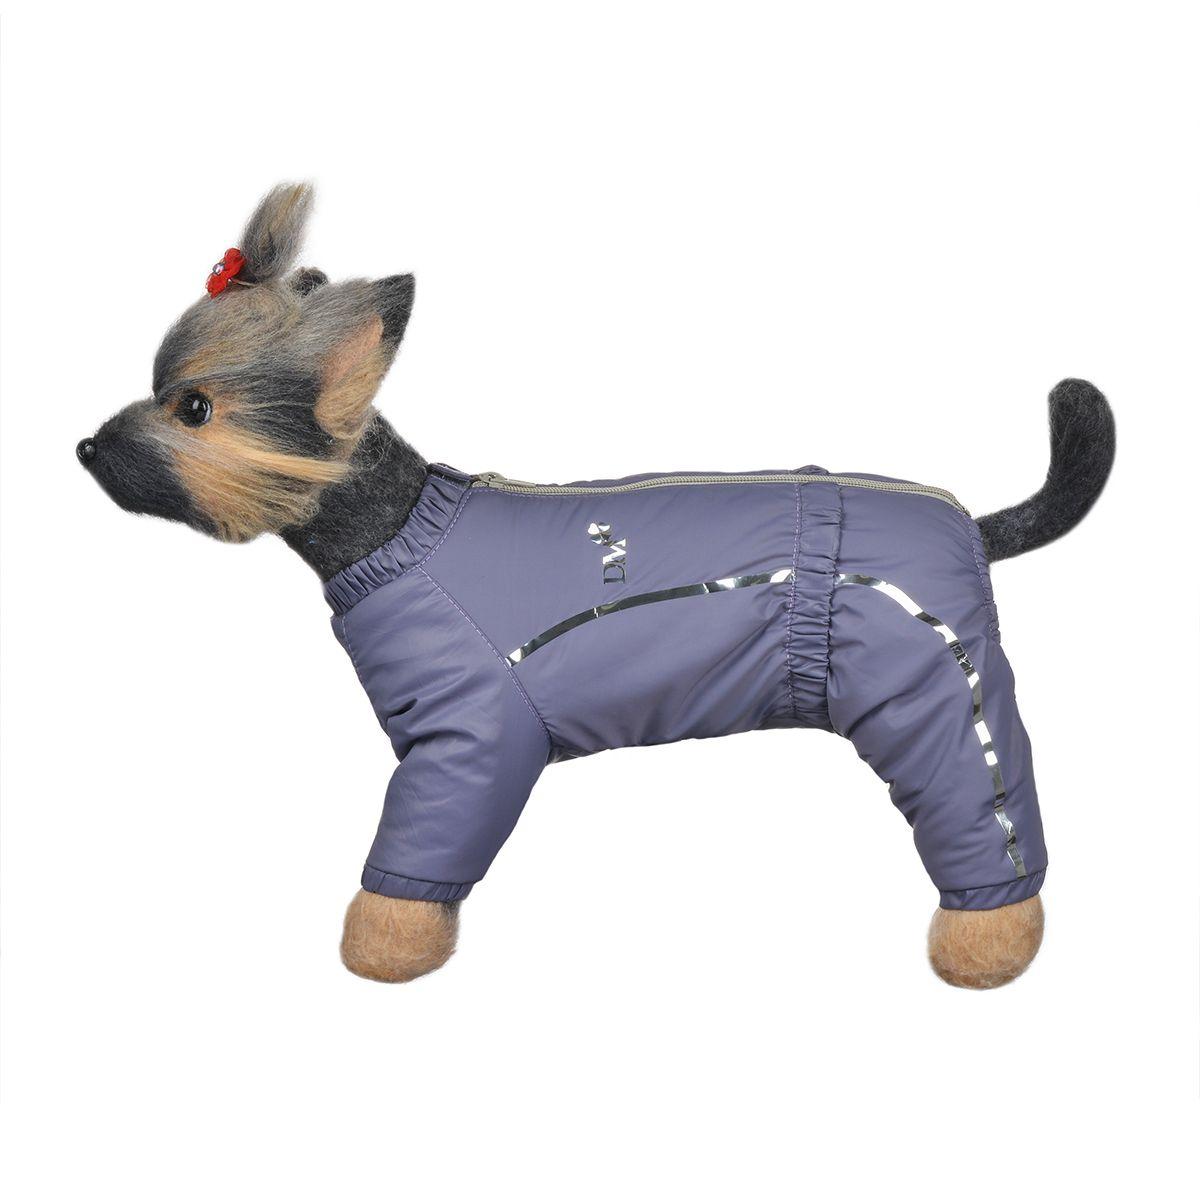 Комбинезон для собак Dogmoda Альпы, зимний, для девочки, цвет: фиолетовый, серый. Размер 1 (S)DM-150350-1Зимний комбинезон для собак Dogmoda Альпы отлично подойдет для прогулок в зимнее время года. Комбинезон изготовлен из полиэстера, защищающего от ветра и снега, с утеплителем из синтепона, который сохранит тепло даже в сильные морозы, а на подкладке используется искусственный мех, который обеспечивает отличный воздухообмен. Комбинезон застегивается на молнию и липучку, благодаря чему его легко надевать и снимать. Ворот, низ рукавов и брючин оснащены внутренними резинками, которые мягко обхватывают шею и лапки, не позволяя просачиваться холодному воздуху. На пояснице имеется внутренняя резинка. Изделие декорировано серебристыми полосками и надписью DM. Благодаря такому комбинезону простуда не грозит вашему питомцу и он сможет испытать не сравнимое удовольствие от снежных игр и забав.